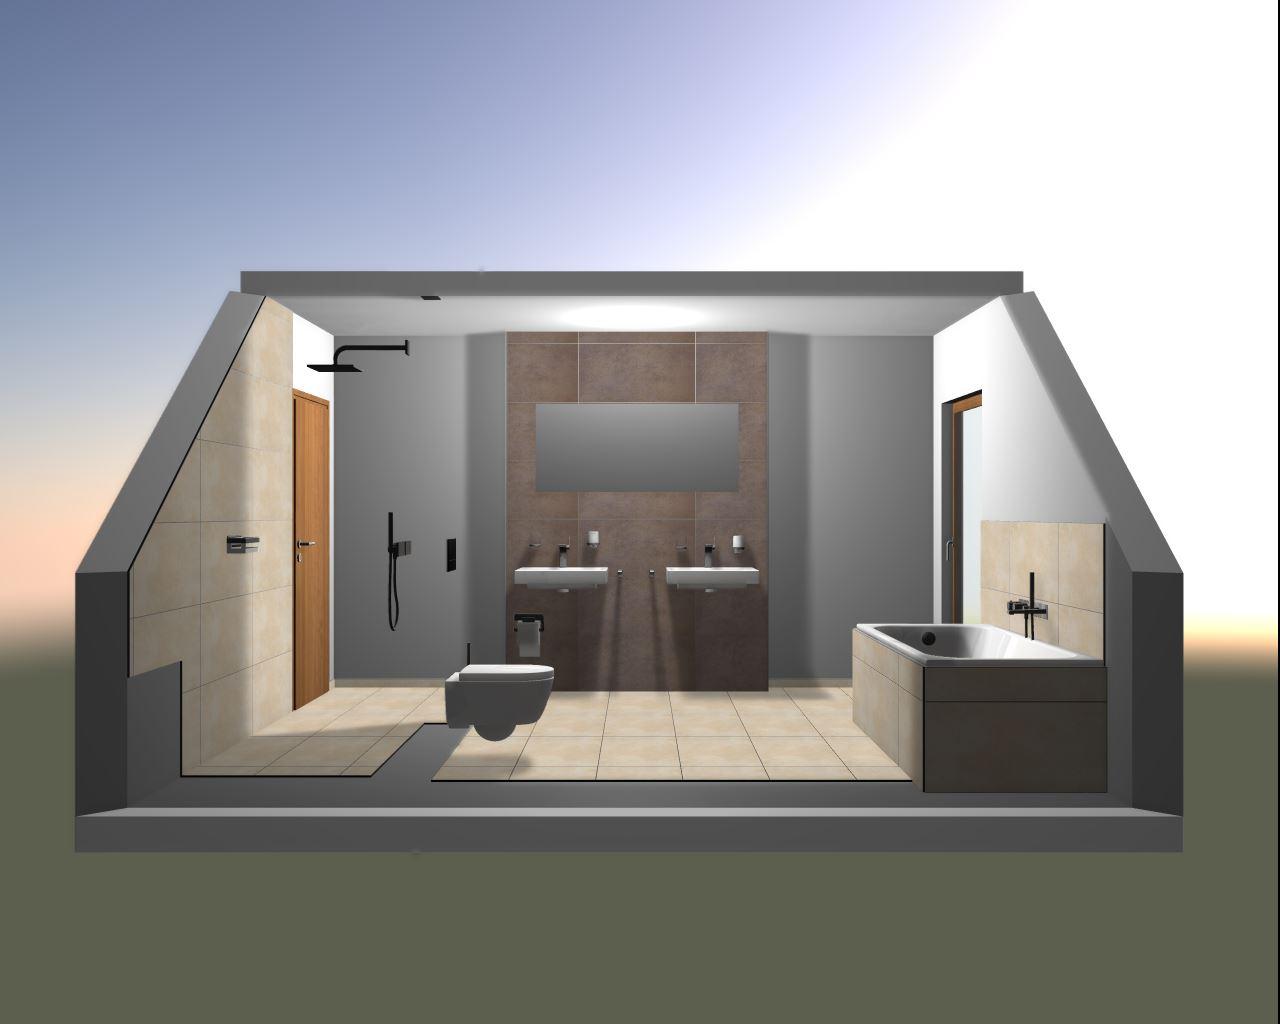 hausbau niederzier mit 4life: badimpressionen, Badezimmer ideen